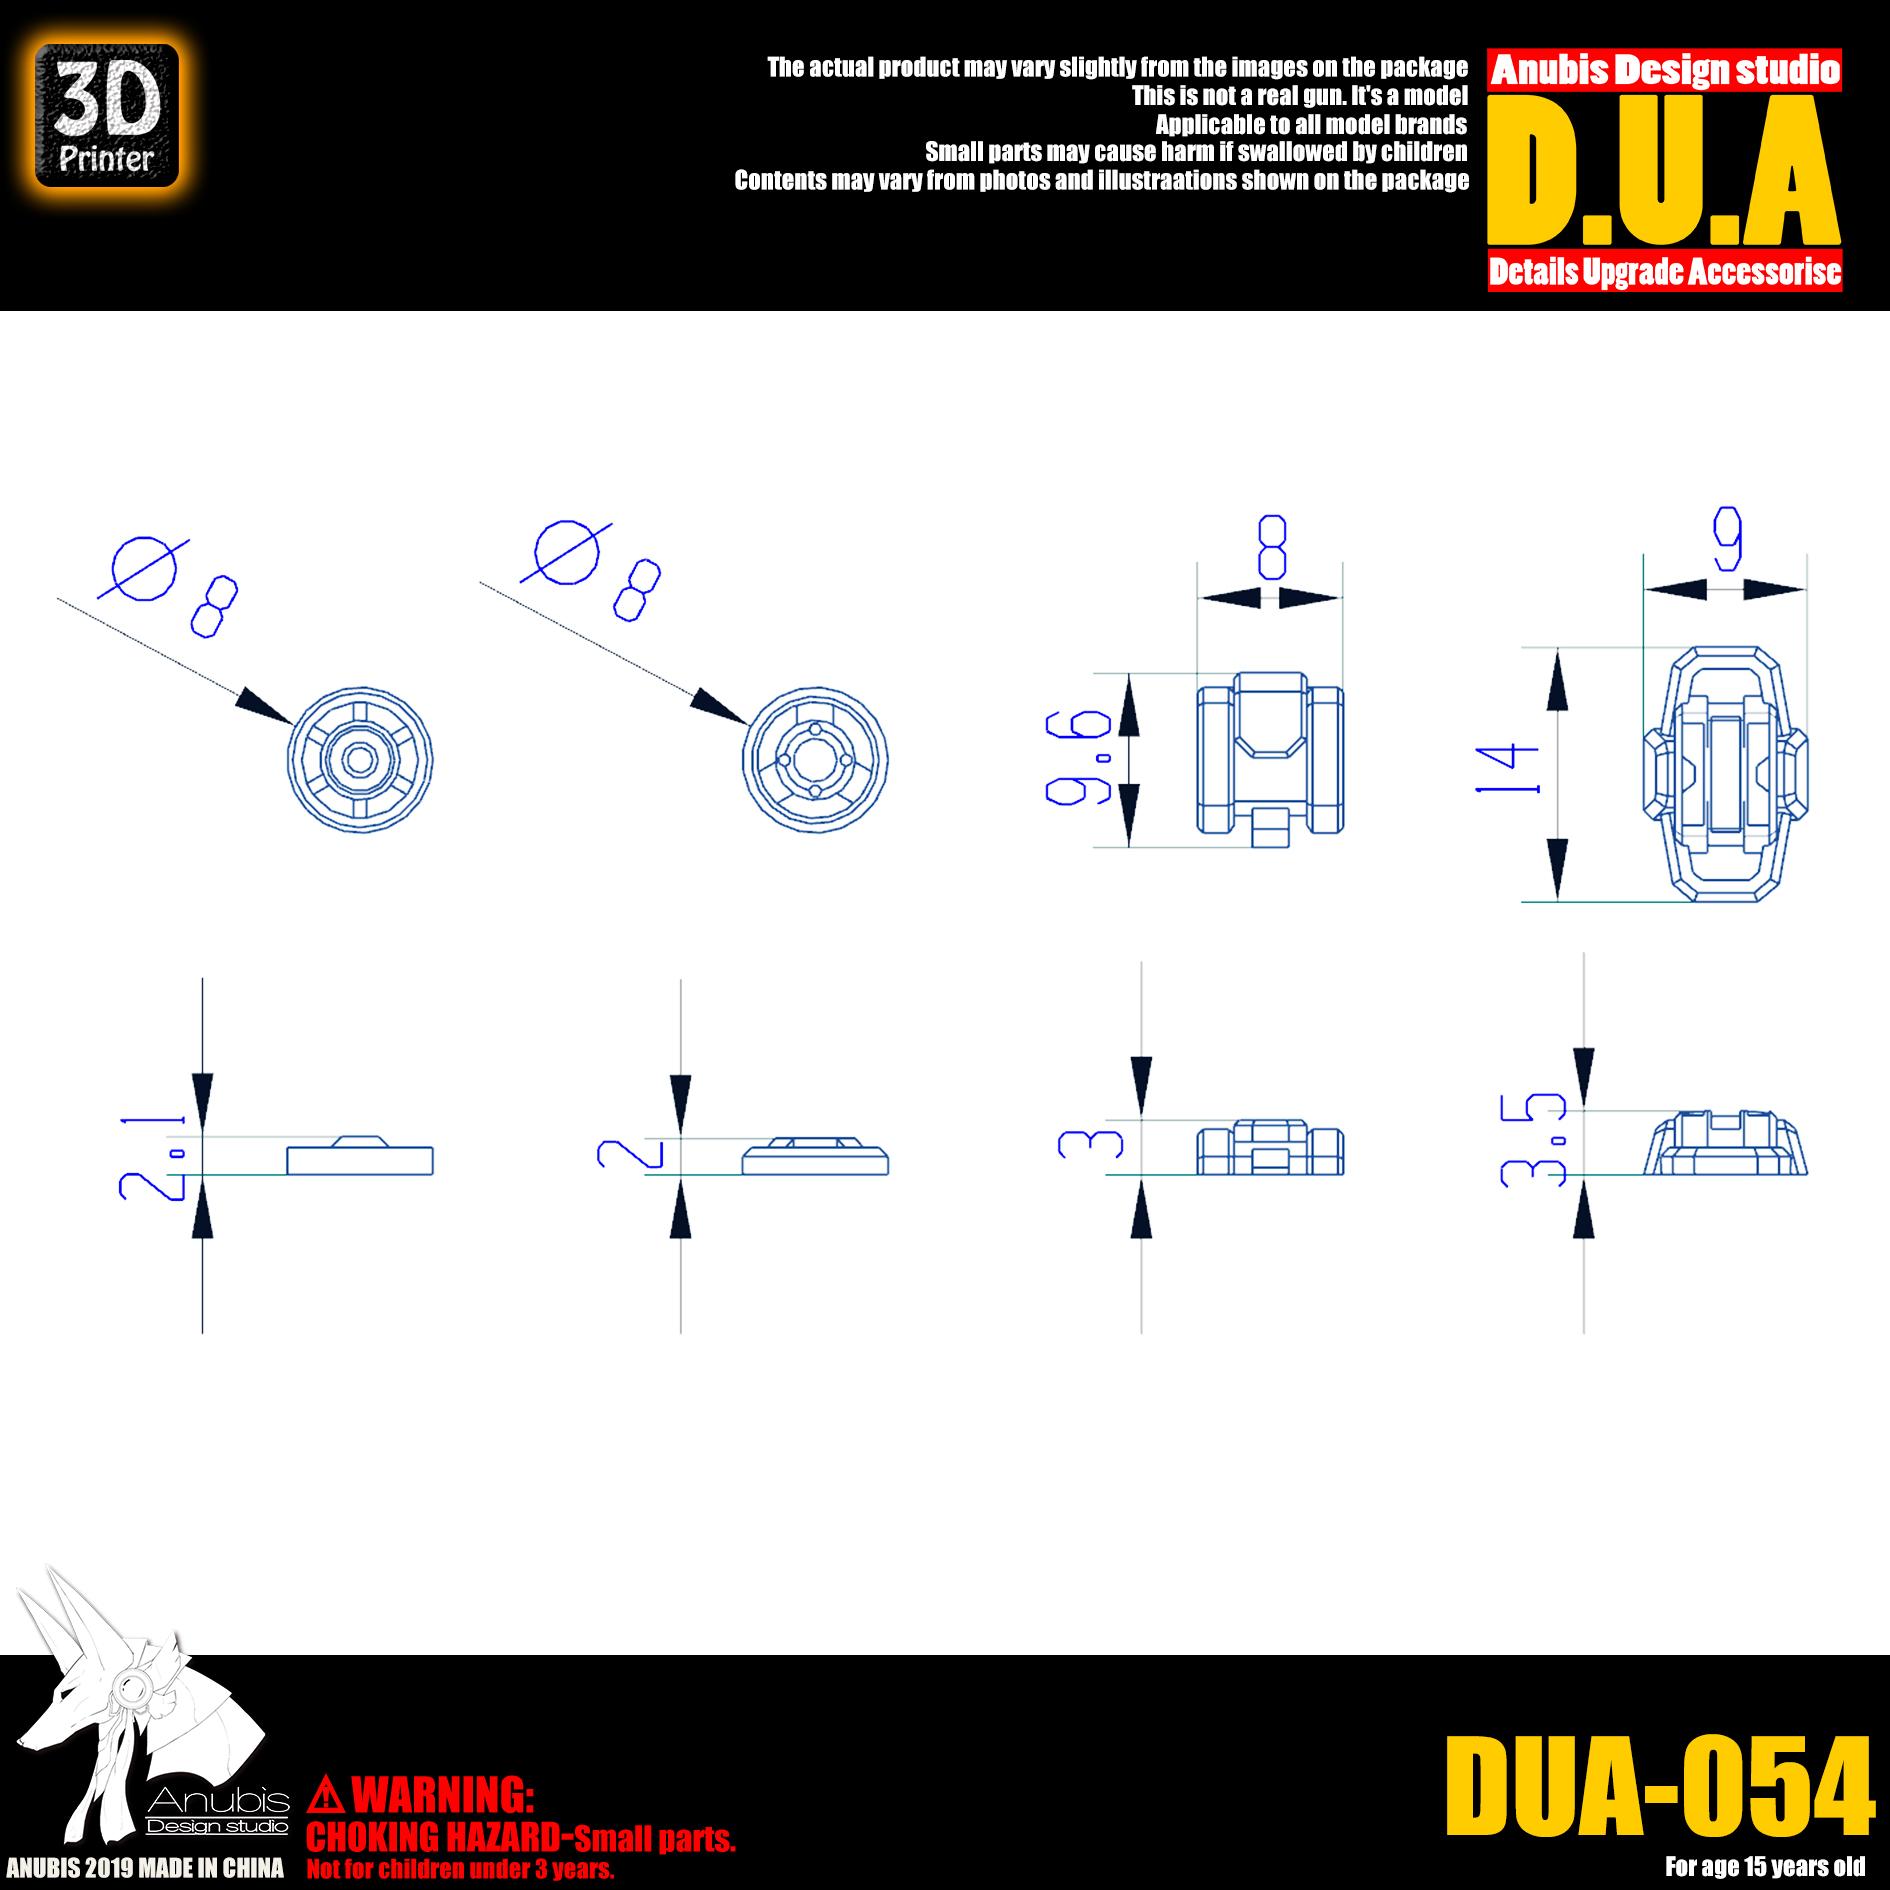 G413_DUA054_003.jpg